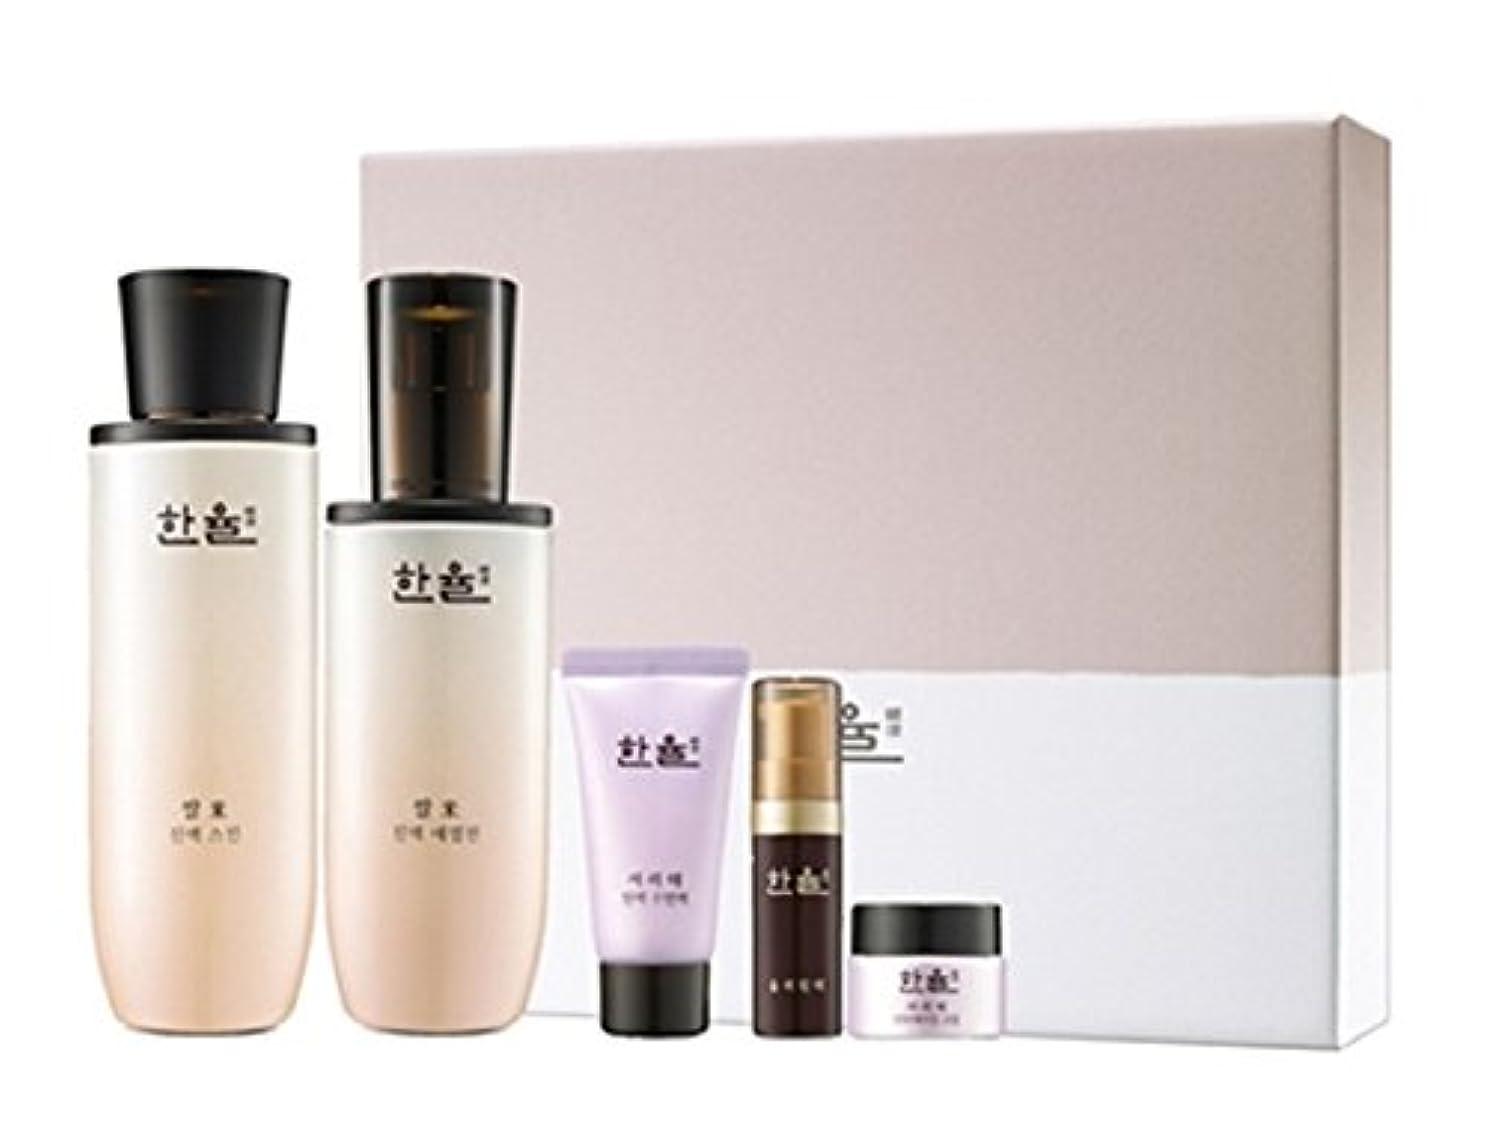 アトミックジーンズチャネル(ハンユル) HANYUL 韓律 ライス(米) 津液スキン 150ml&エマルジョン125ml 2点セット Rice Essential Skin Softner&Emulsion 海外直送品